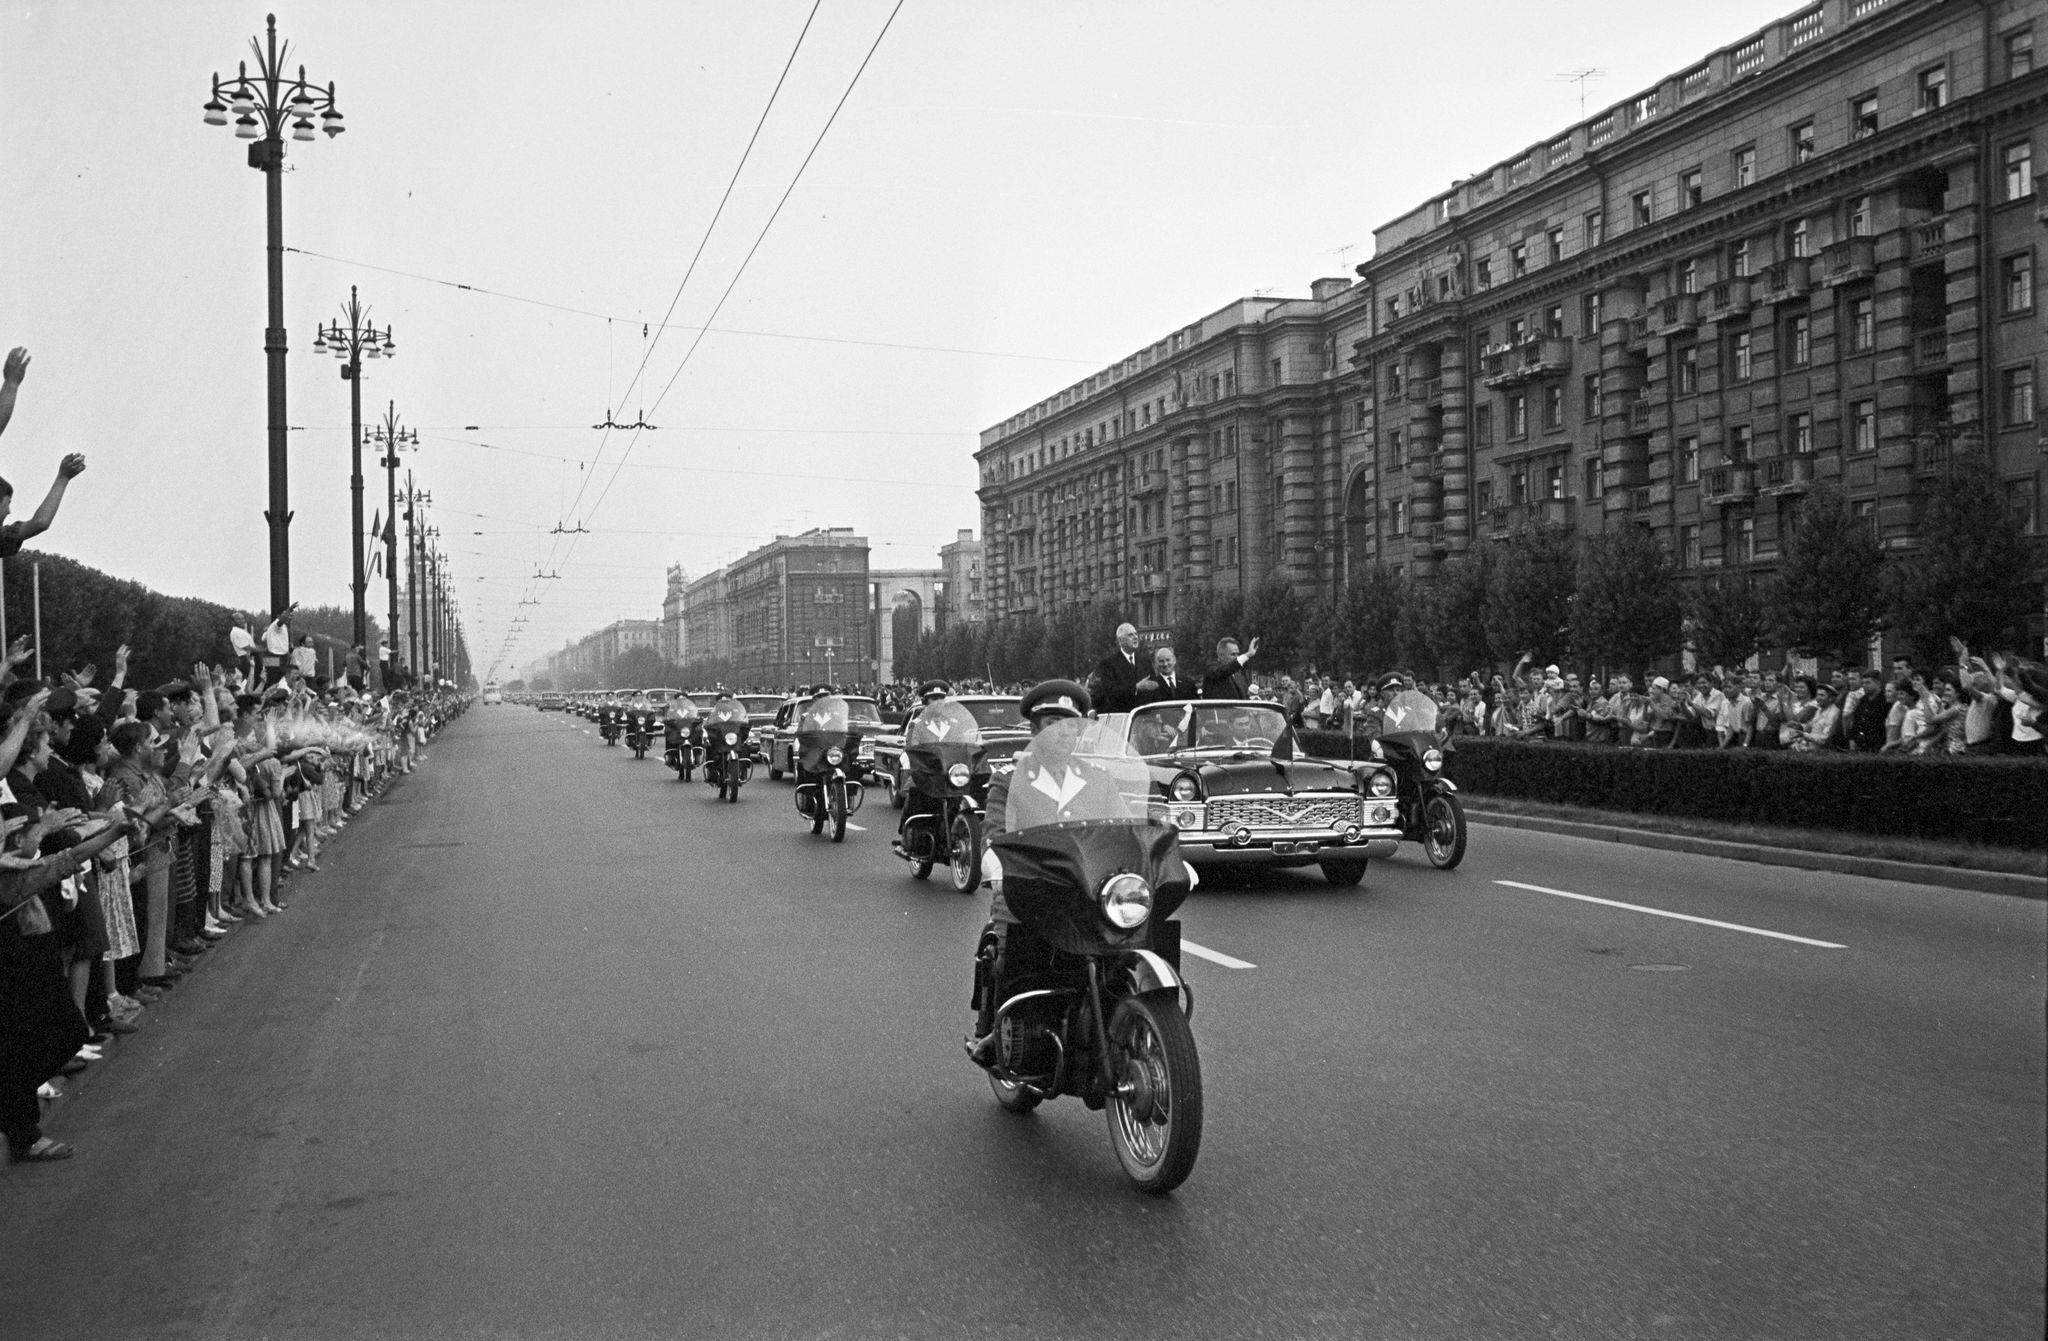 Шарль де Голль в Ленинграде. Кортеж на Московском проспекте